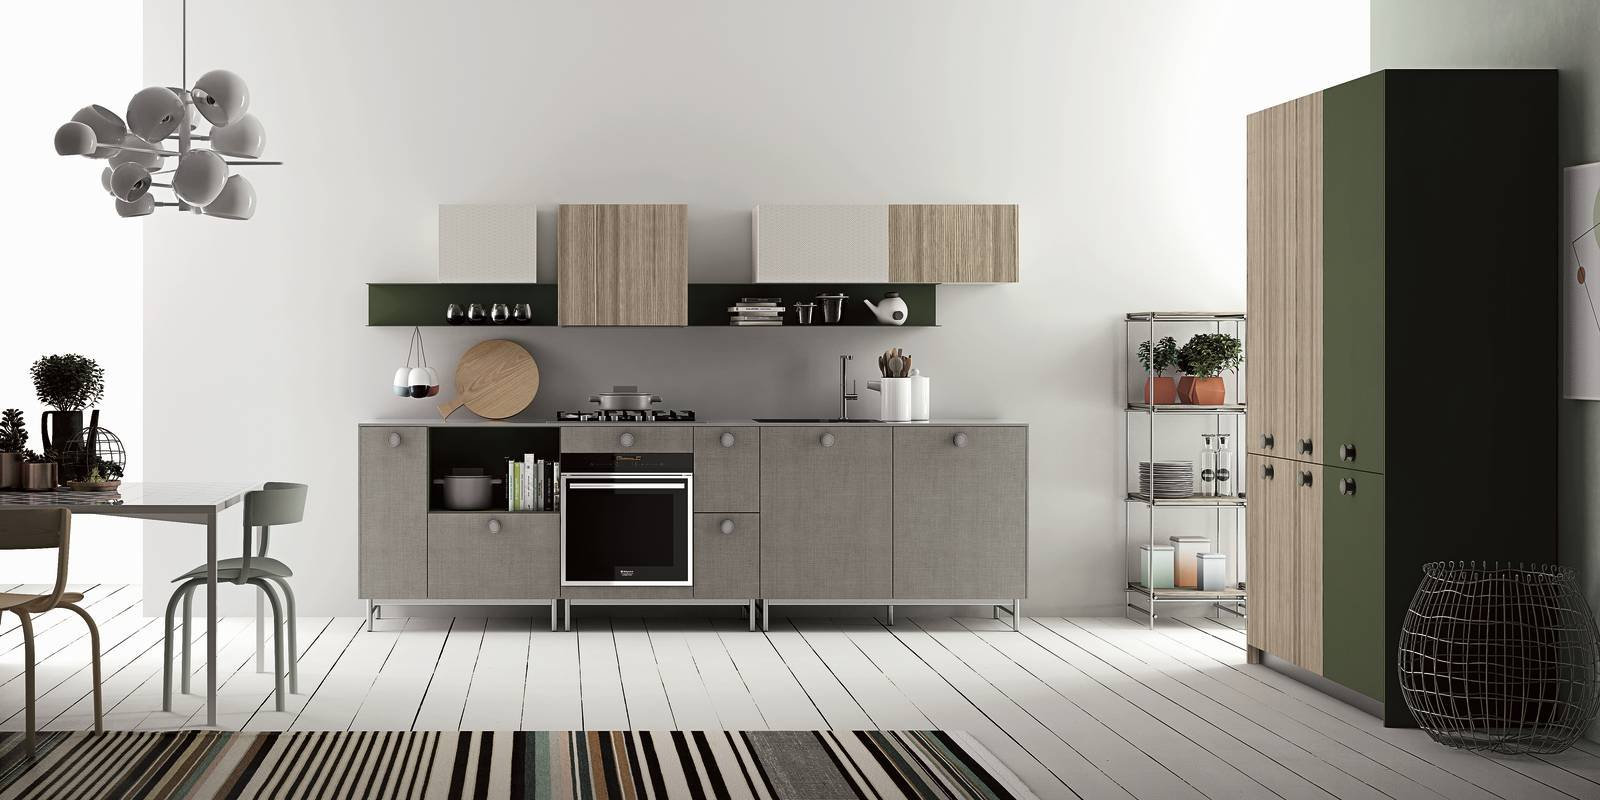 Mini cucina 5 soluzioni per la cucina piccola cose di casa for Arredare la cucina piccola